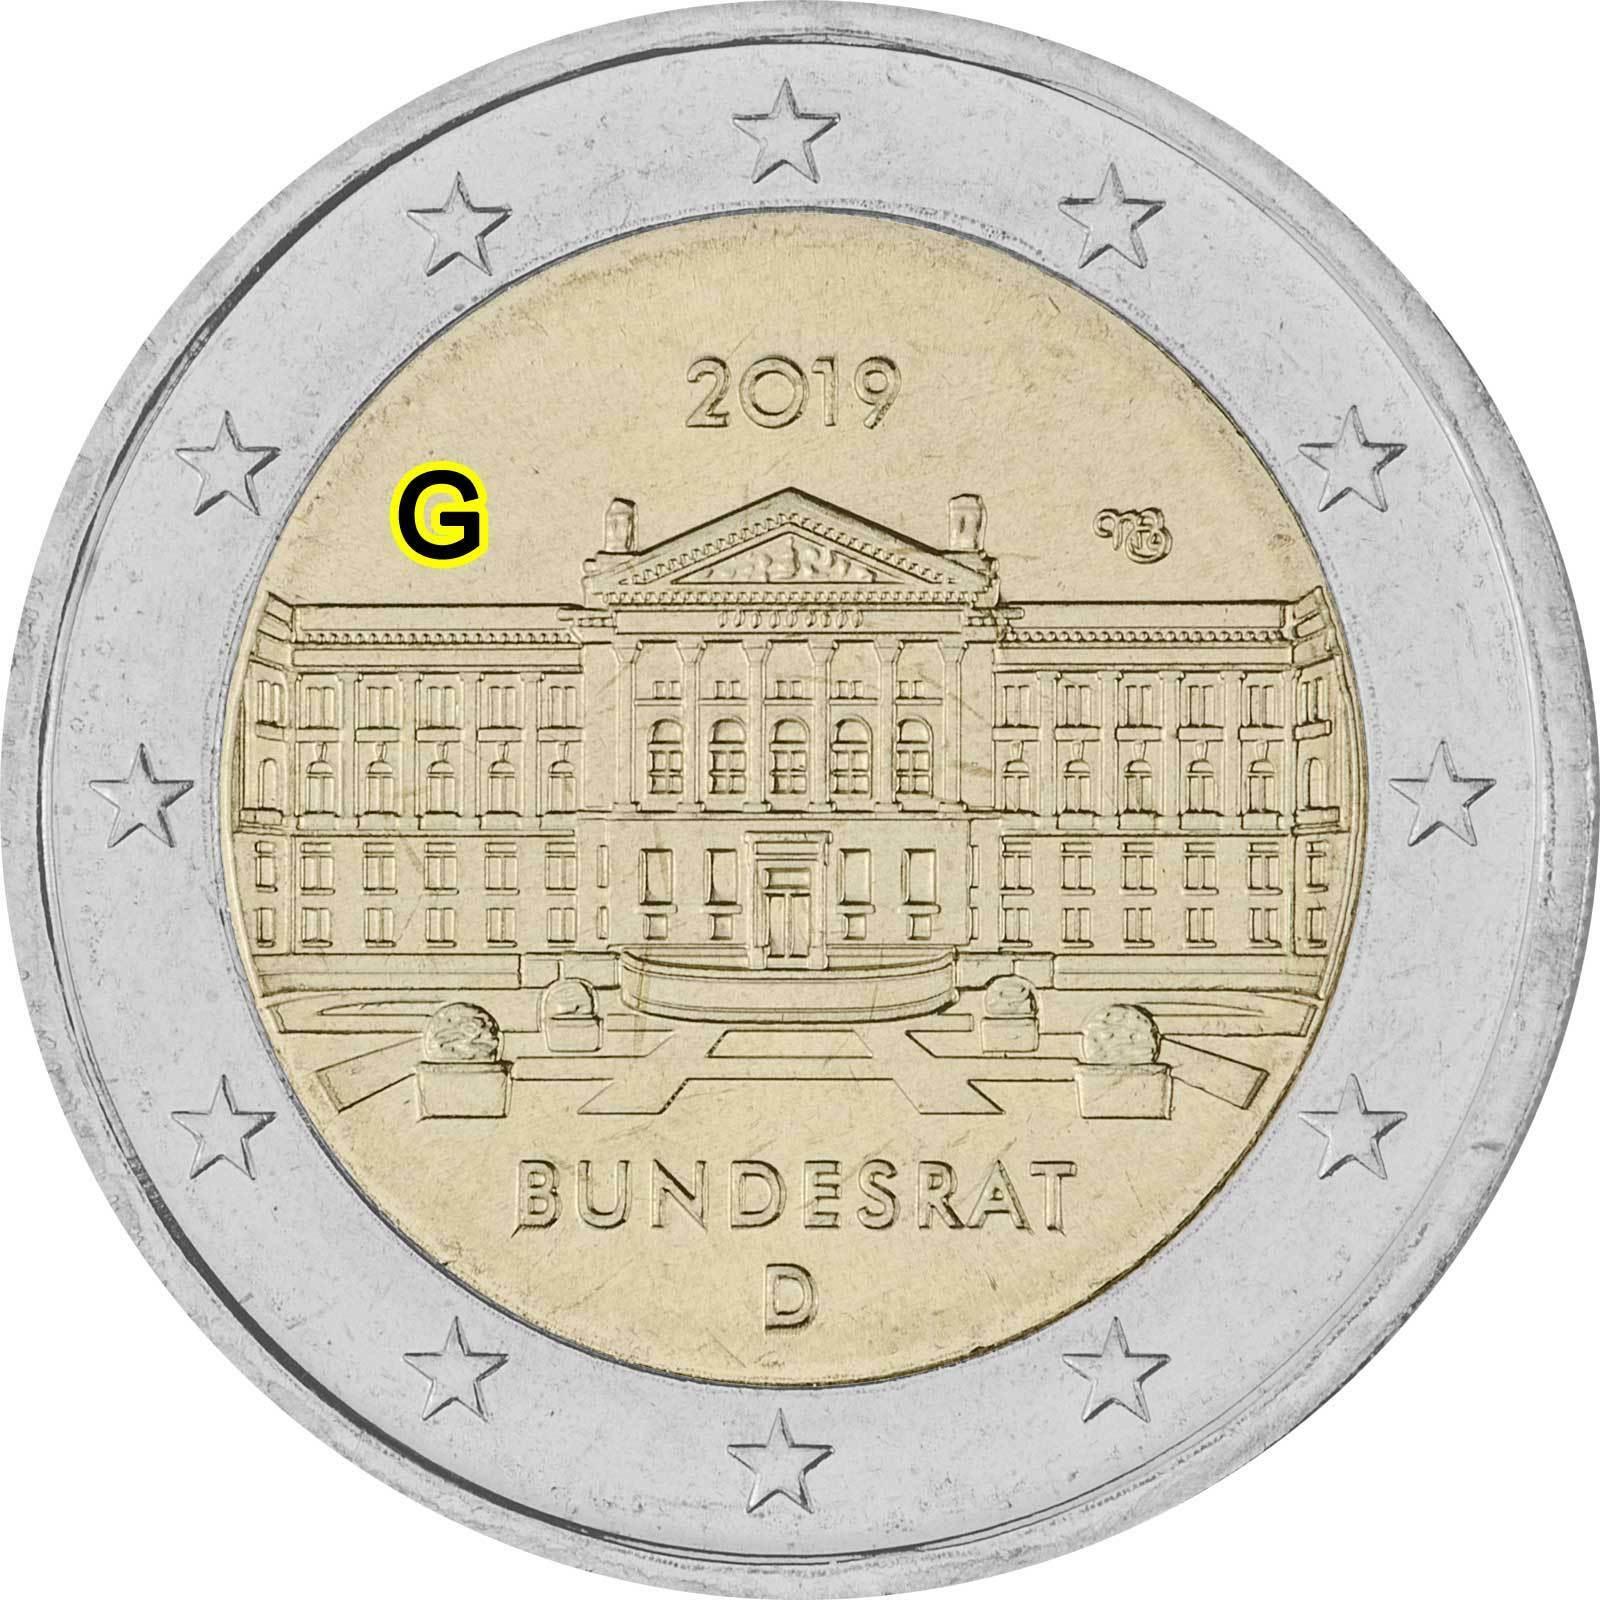 Германия 2 евро 2019 г. Бундесрат (D)